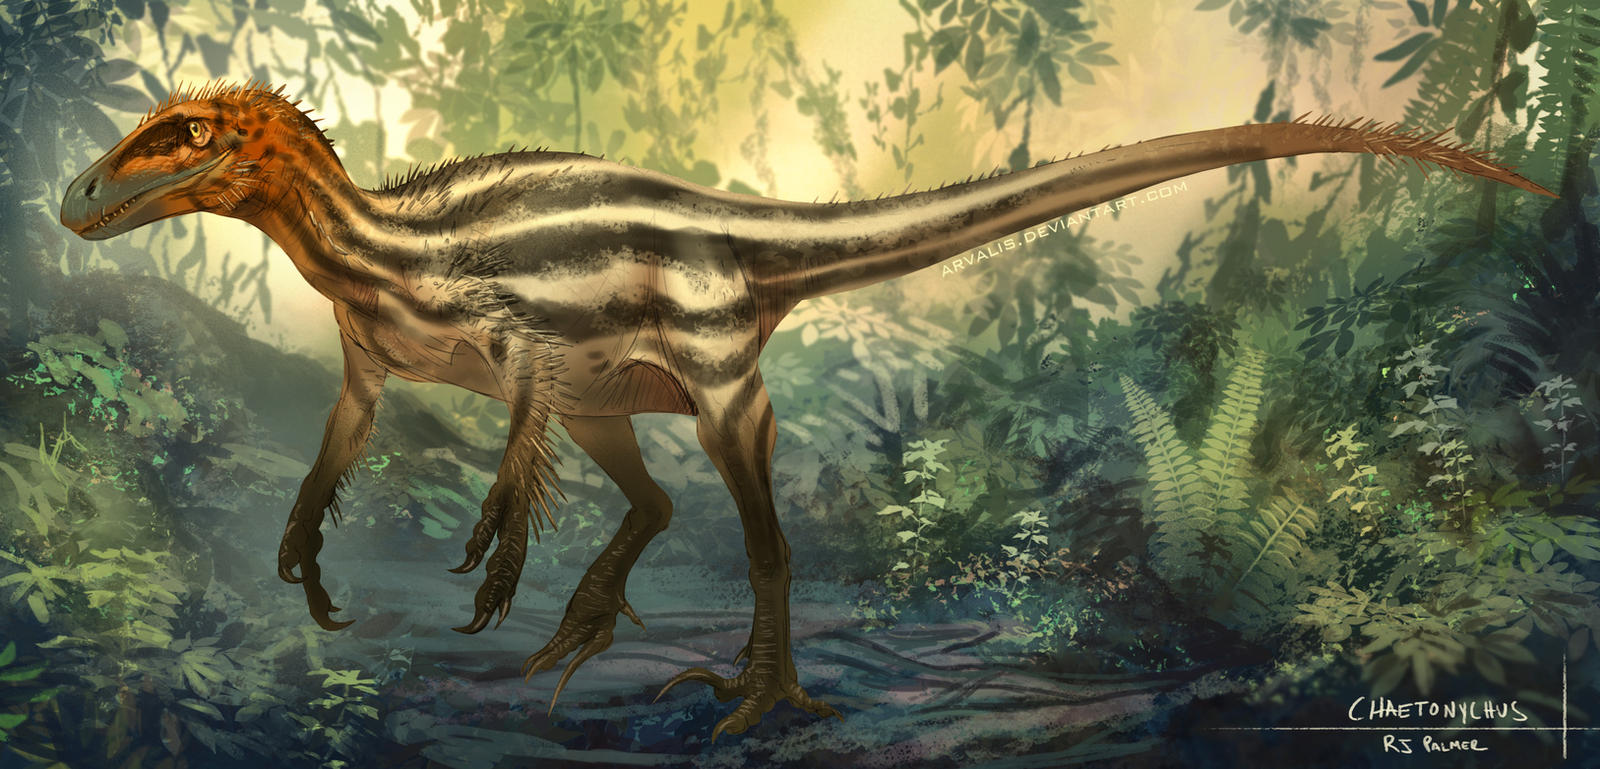 Chaetonychus by arvalis